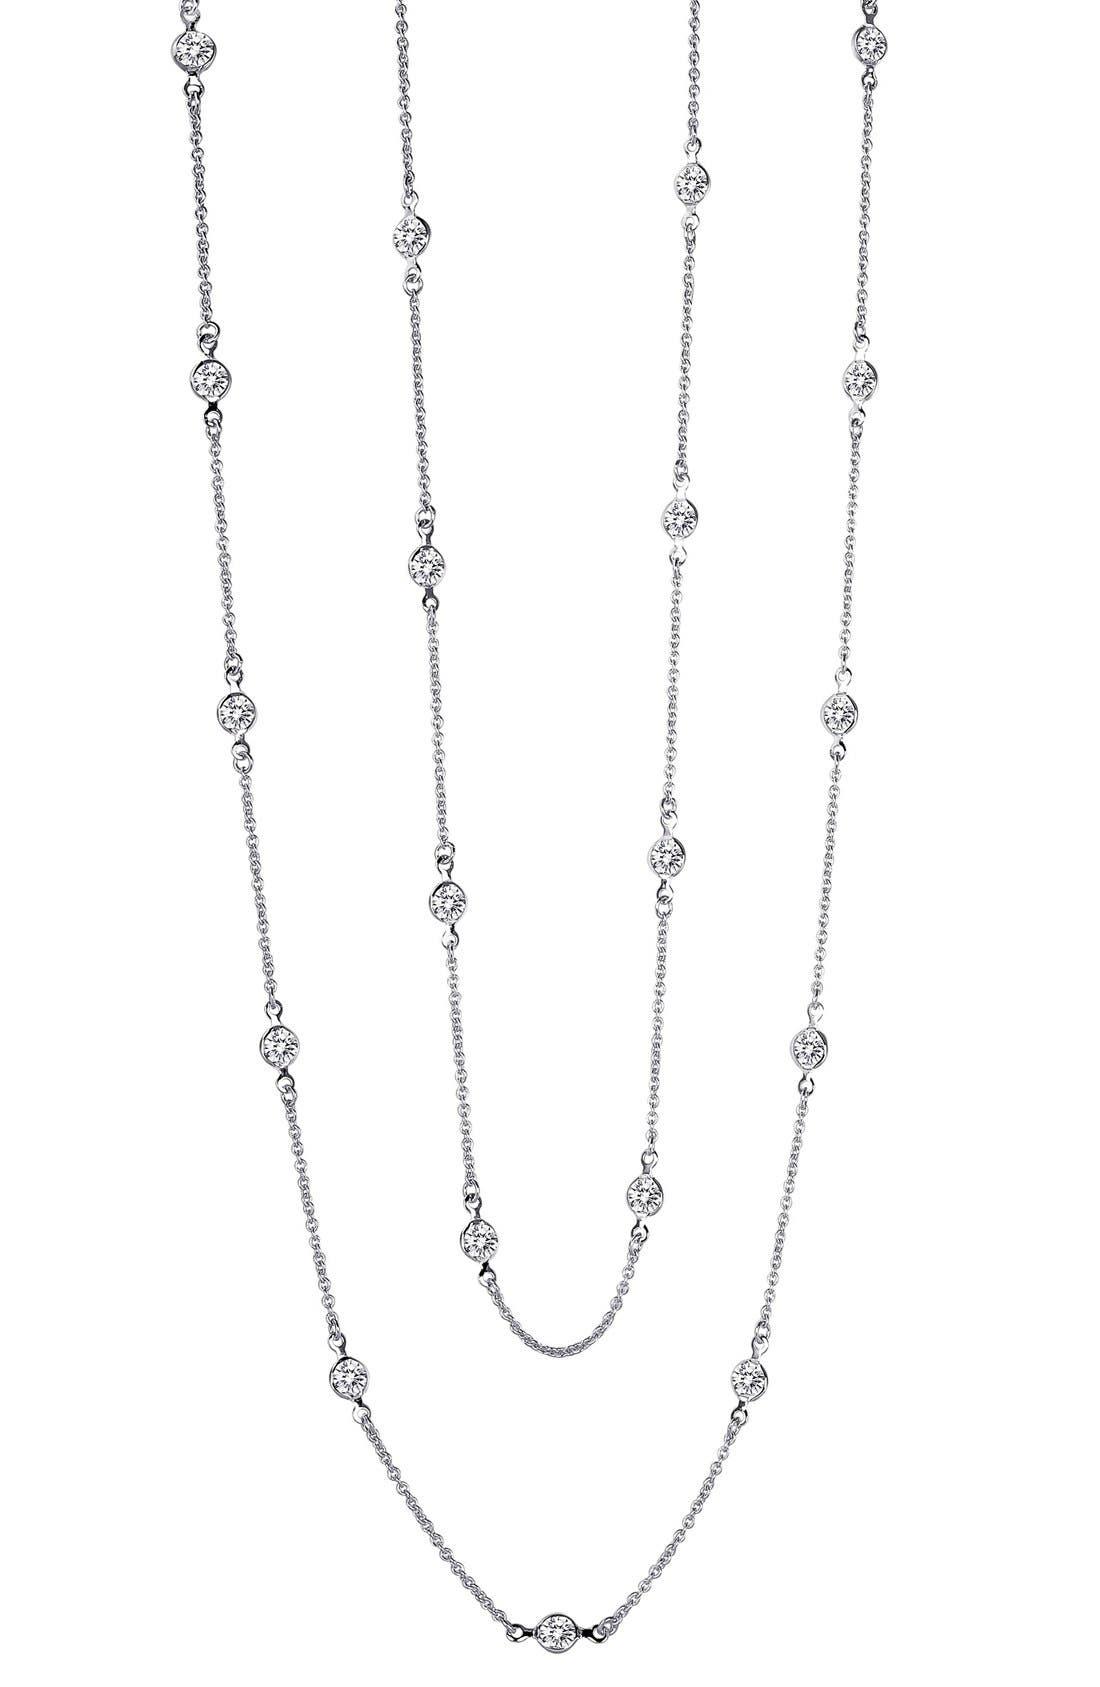 Lafonn Mulistrand Necklace